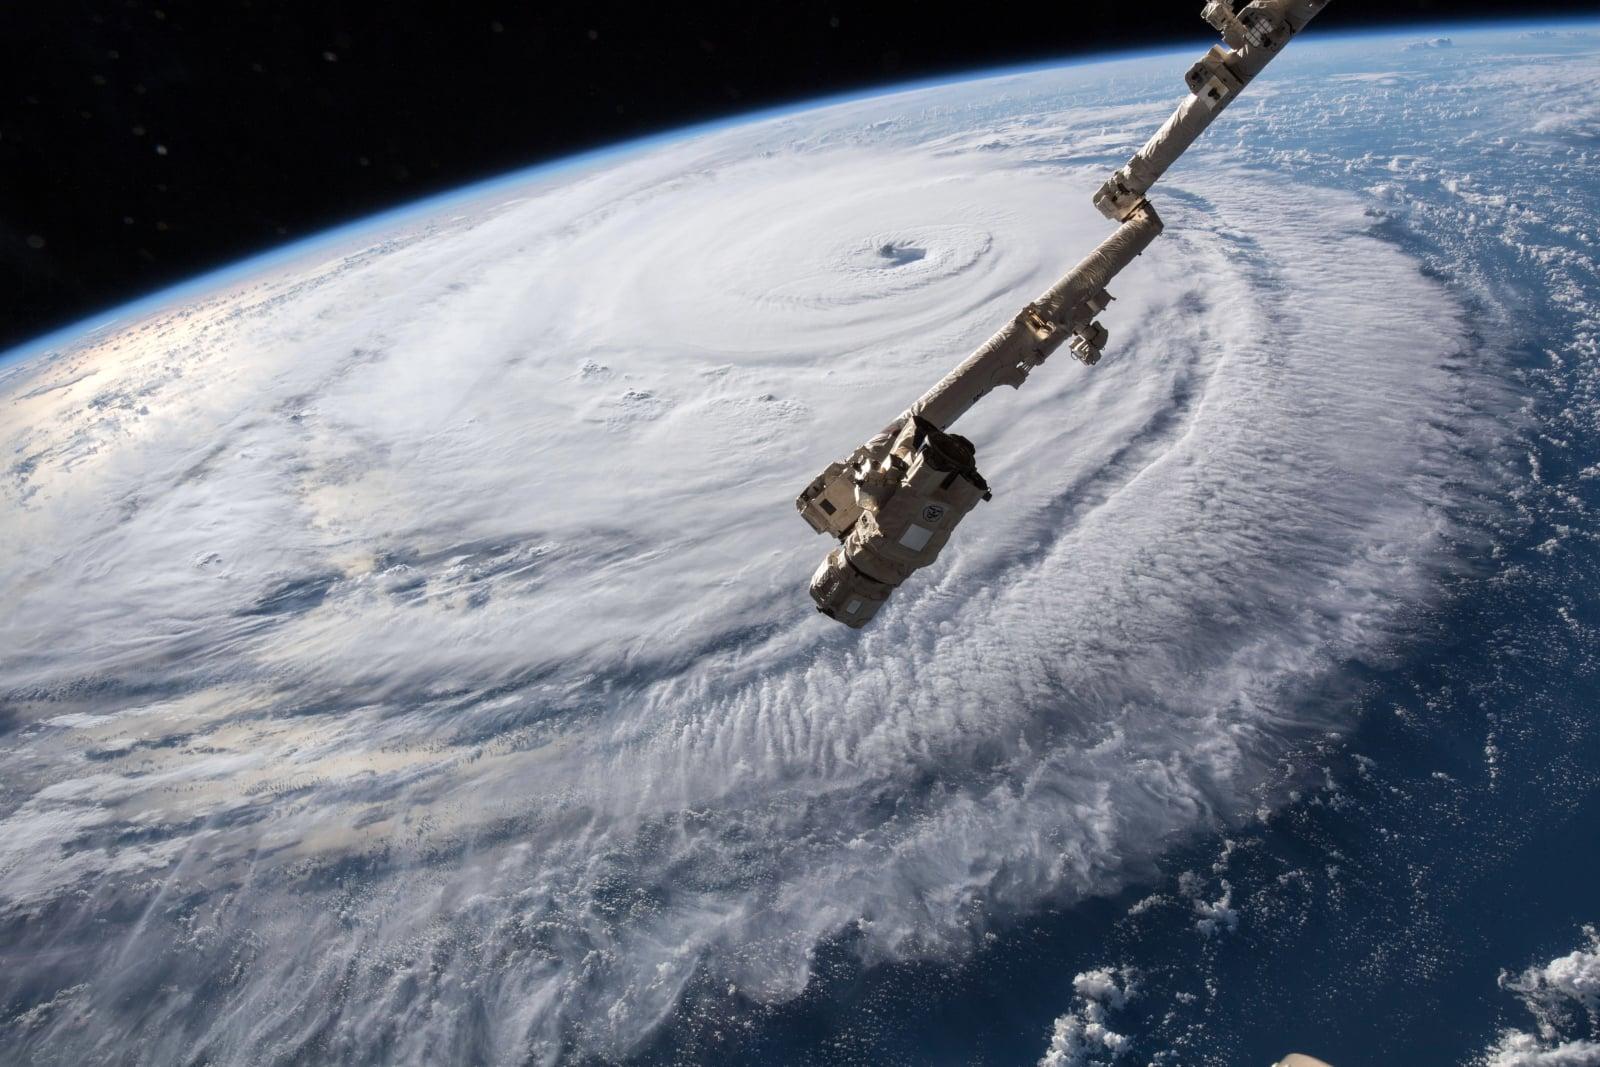 PAP/EPA/NASA / HANDOUT